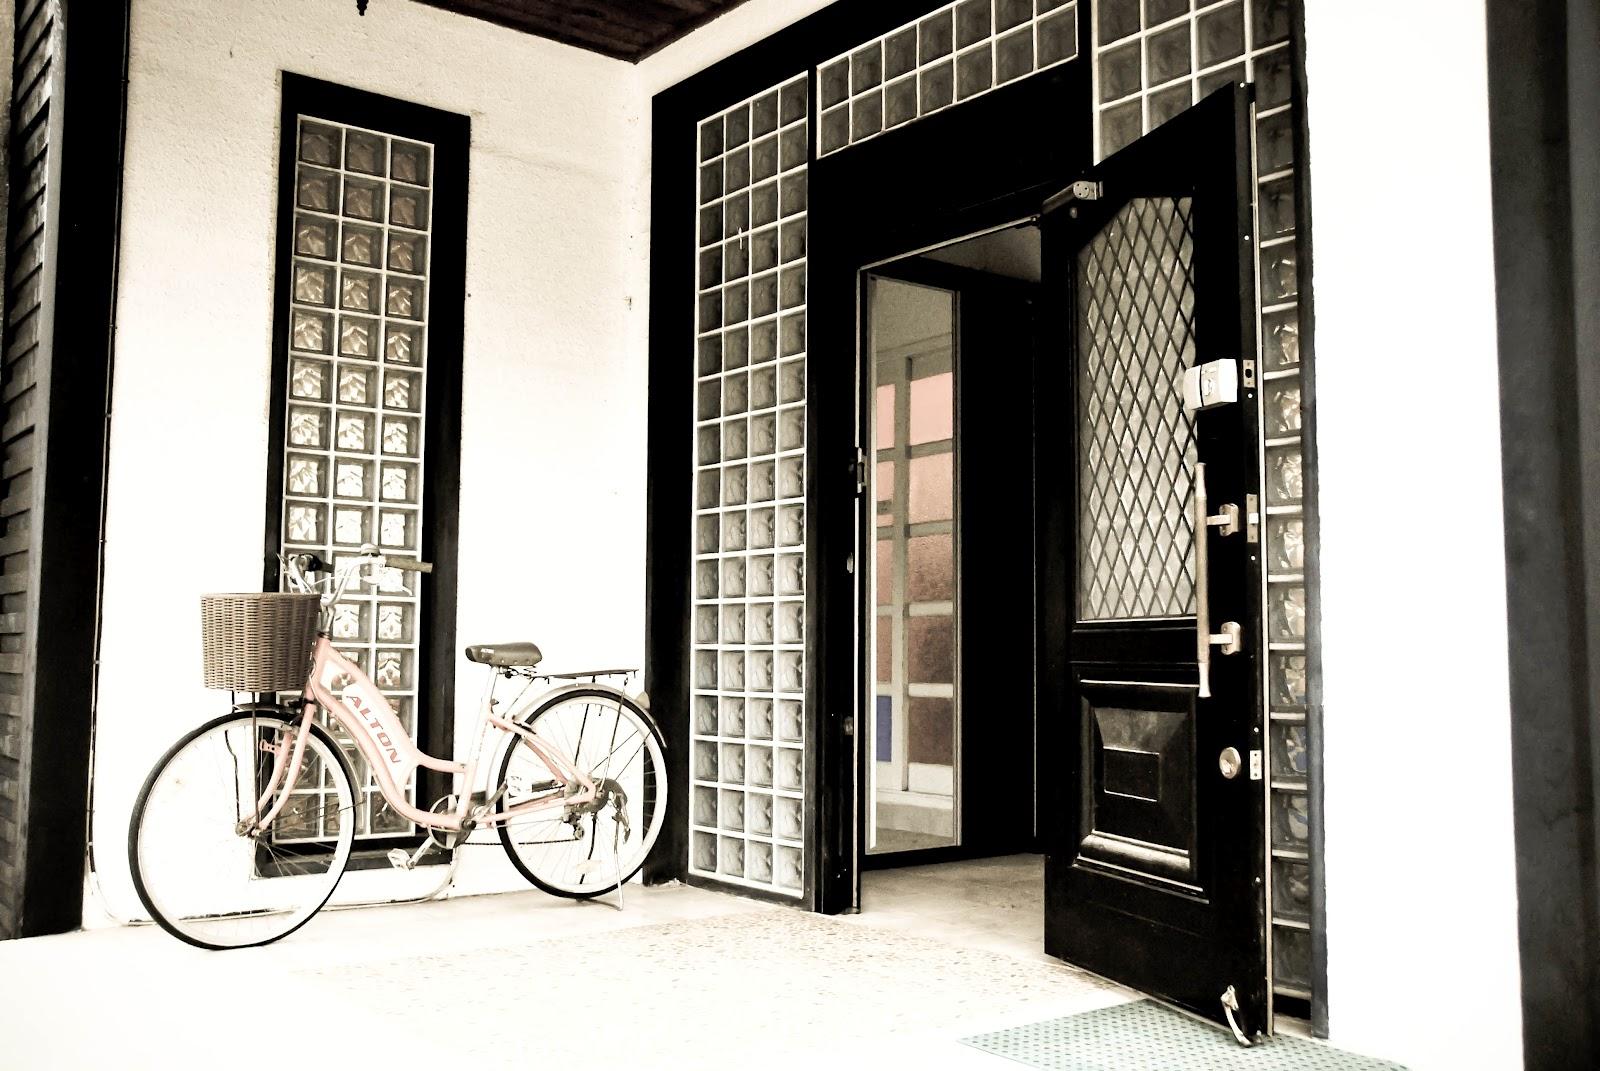 Full house korean drama house design home photo style for Full house design